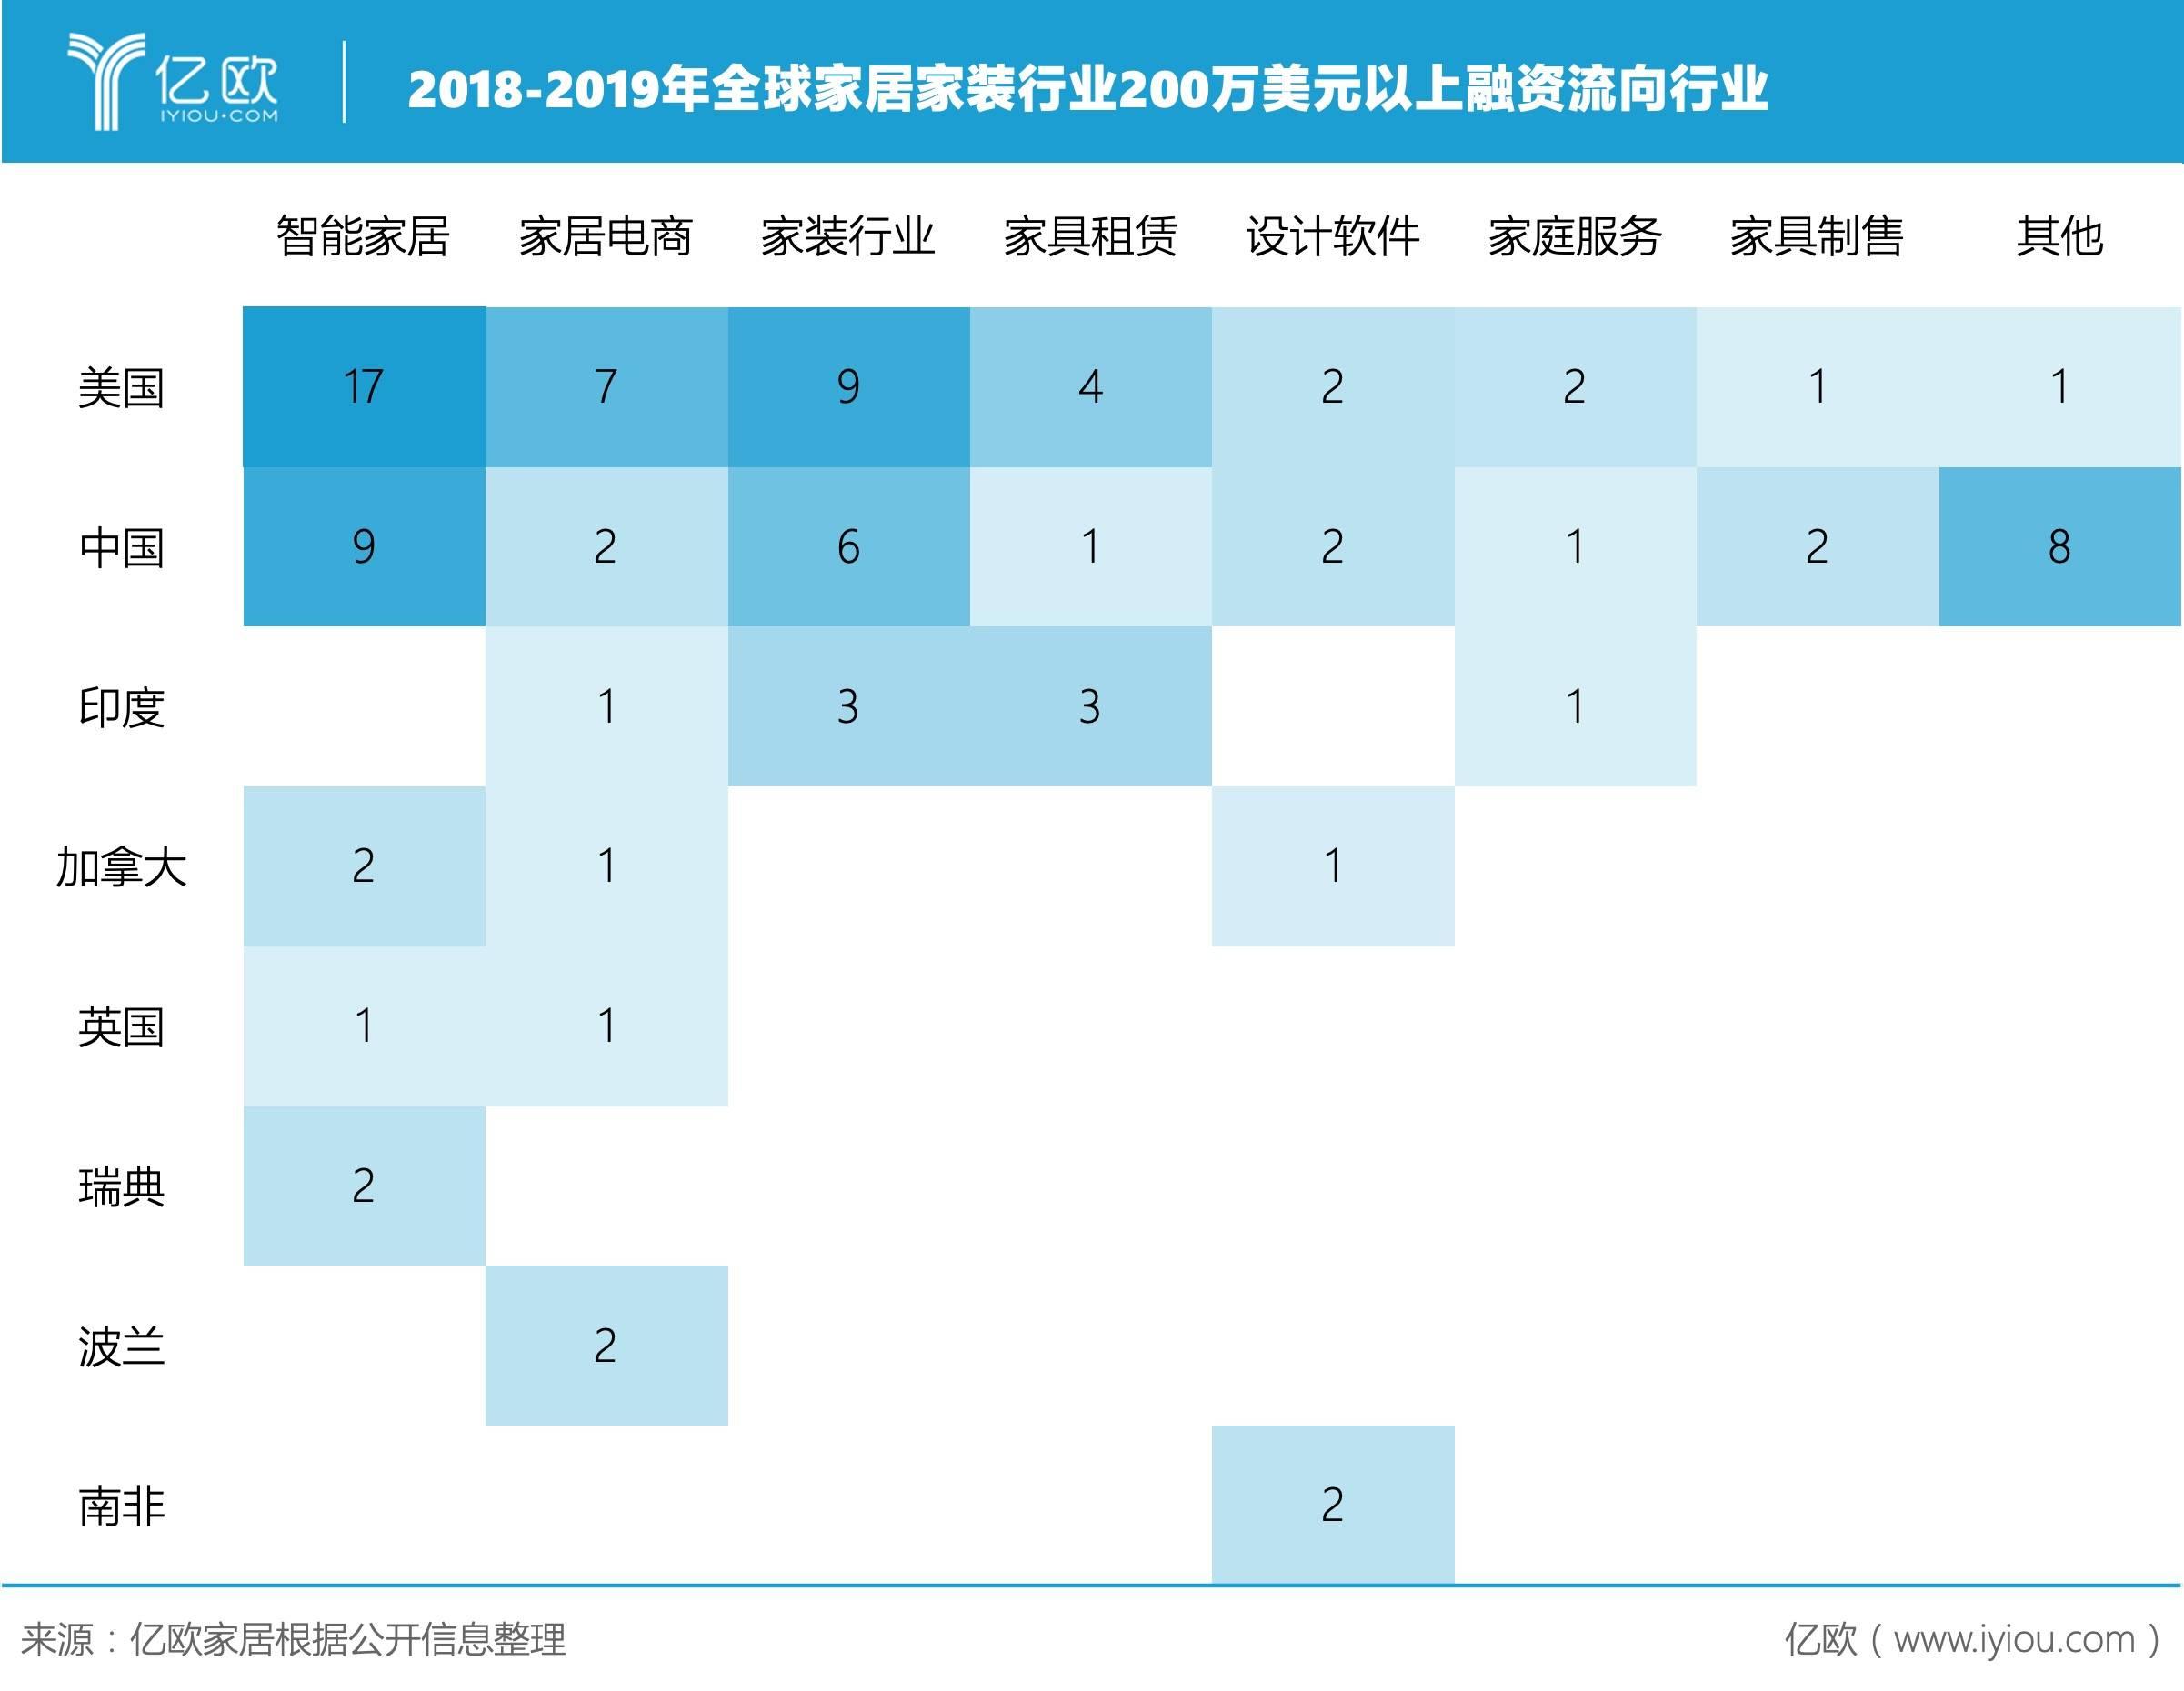 2018-2019年全球家居家装行业200万美元以上融资流向行业